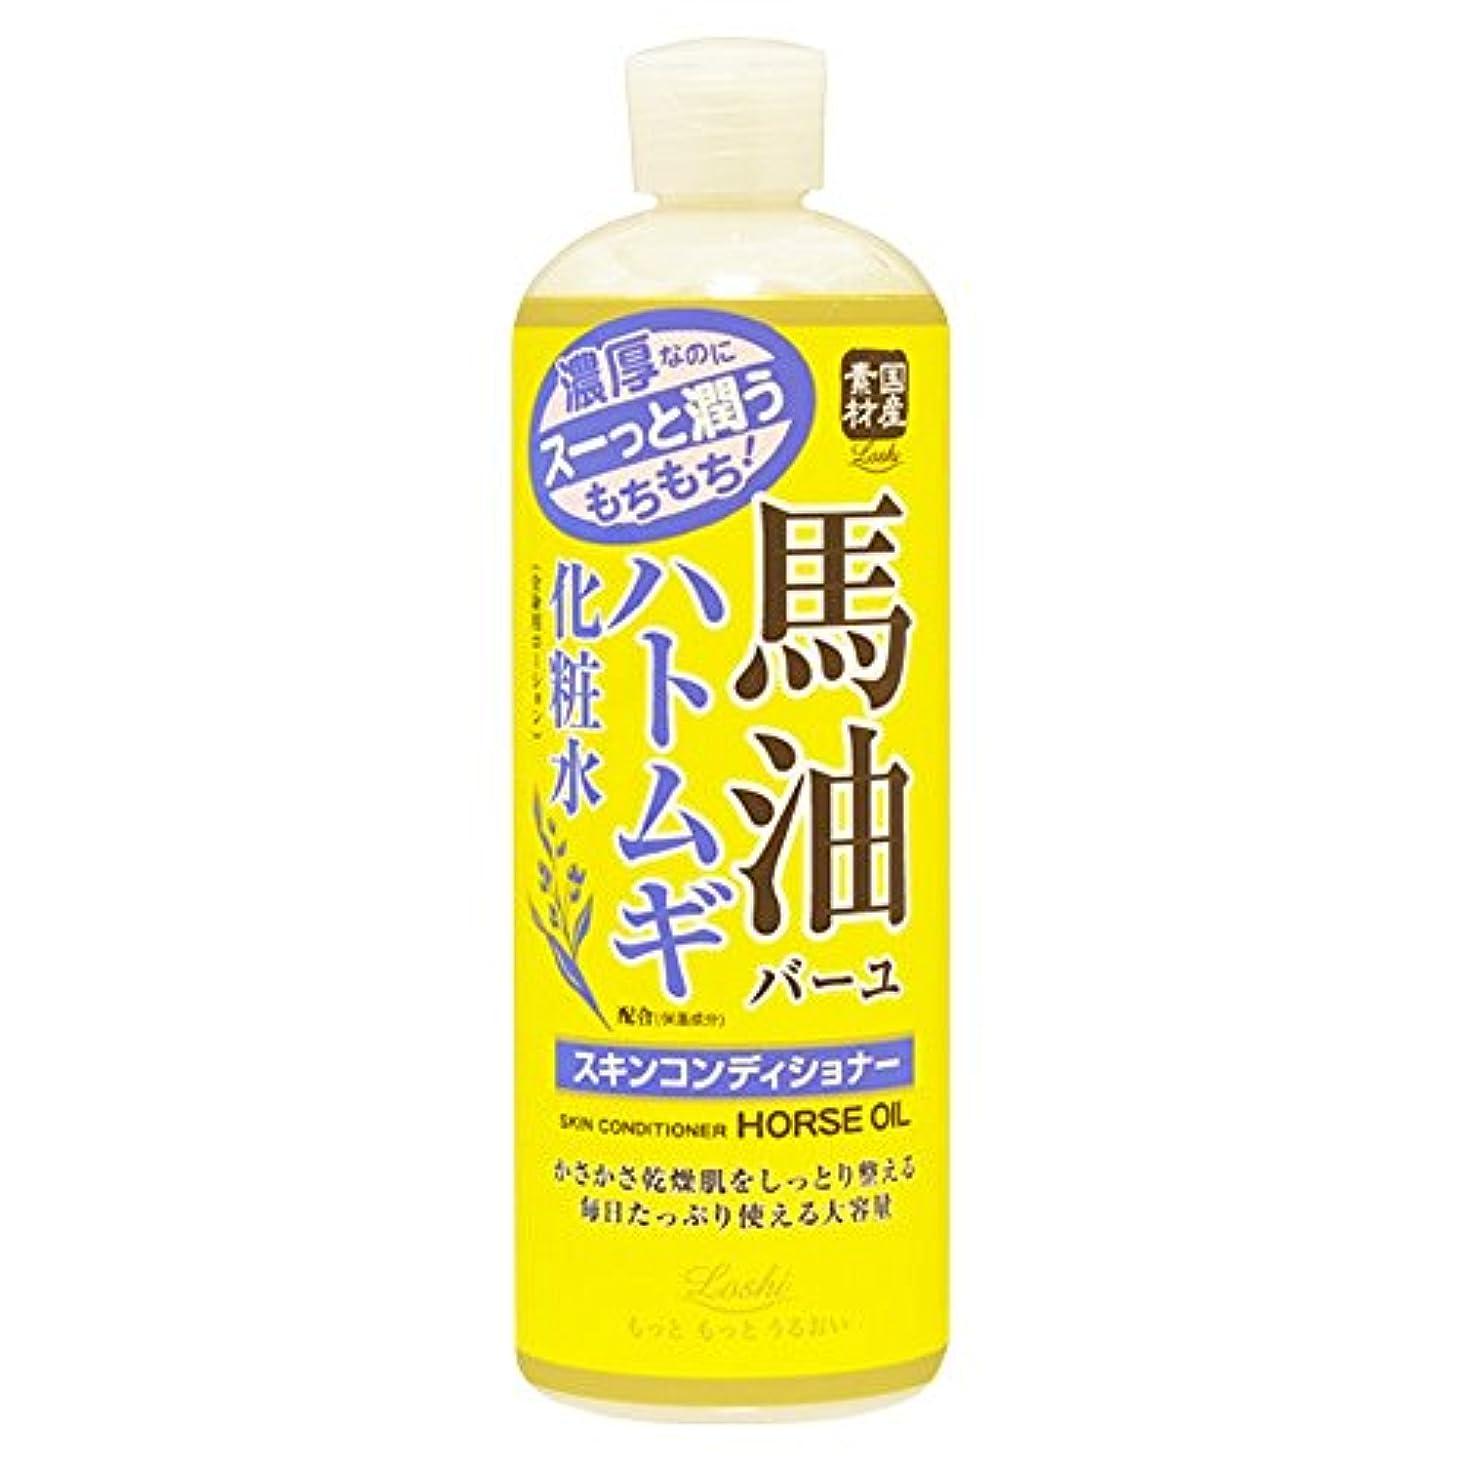 刃未来こどもセンターロッシモイストエイド スキンコンディショナー 馬油&ハトムギ 500ml (化粧水 ローション 高保湿)